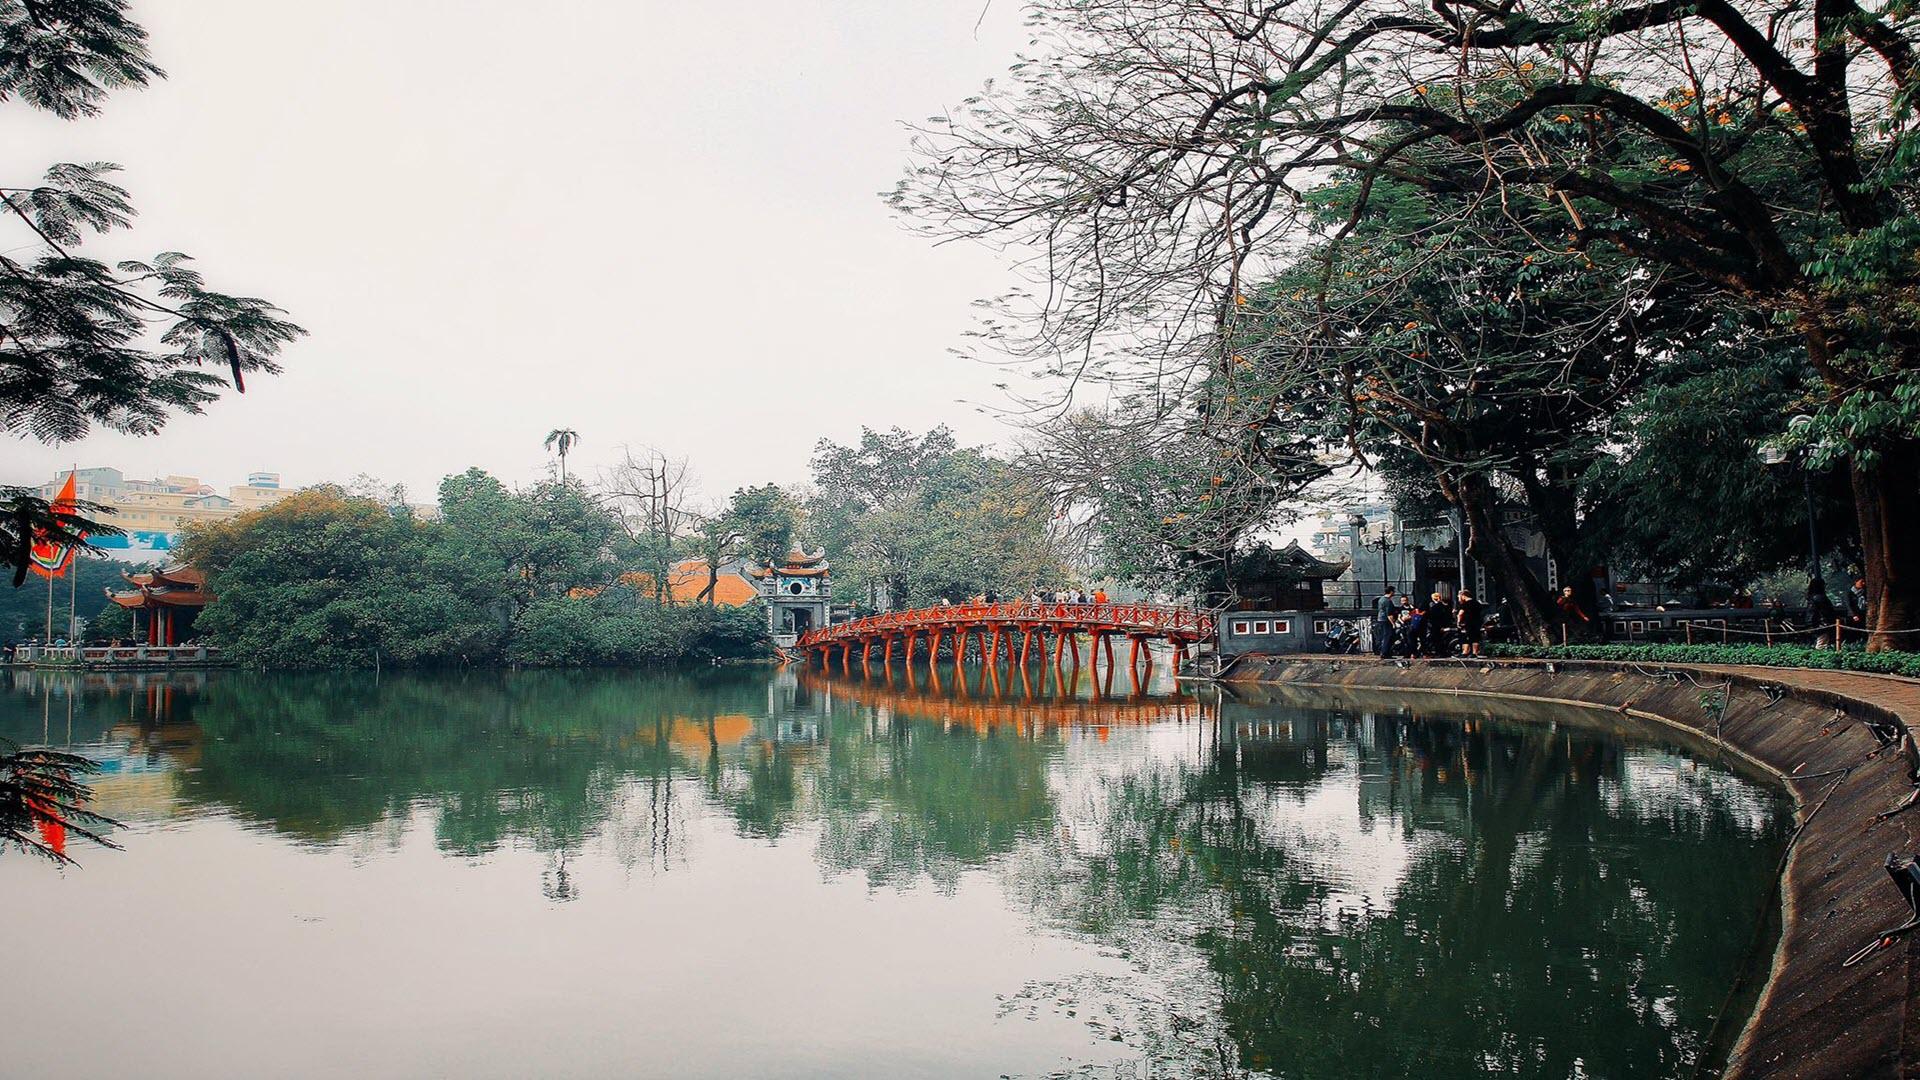 Hình nền cầu Thê Húc ở Hà Nội